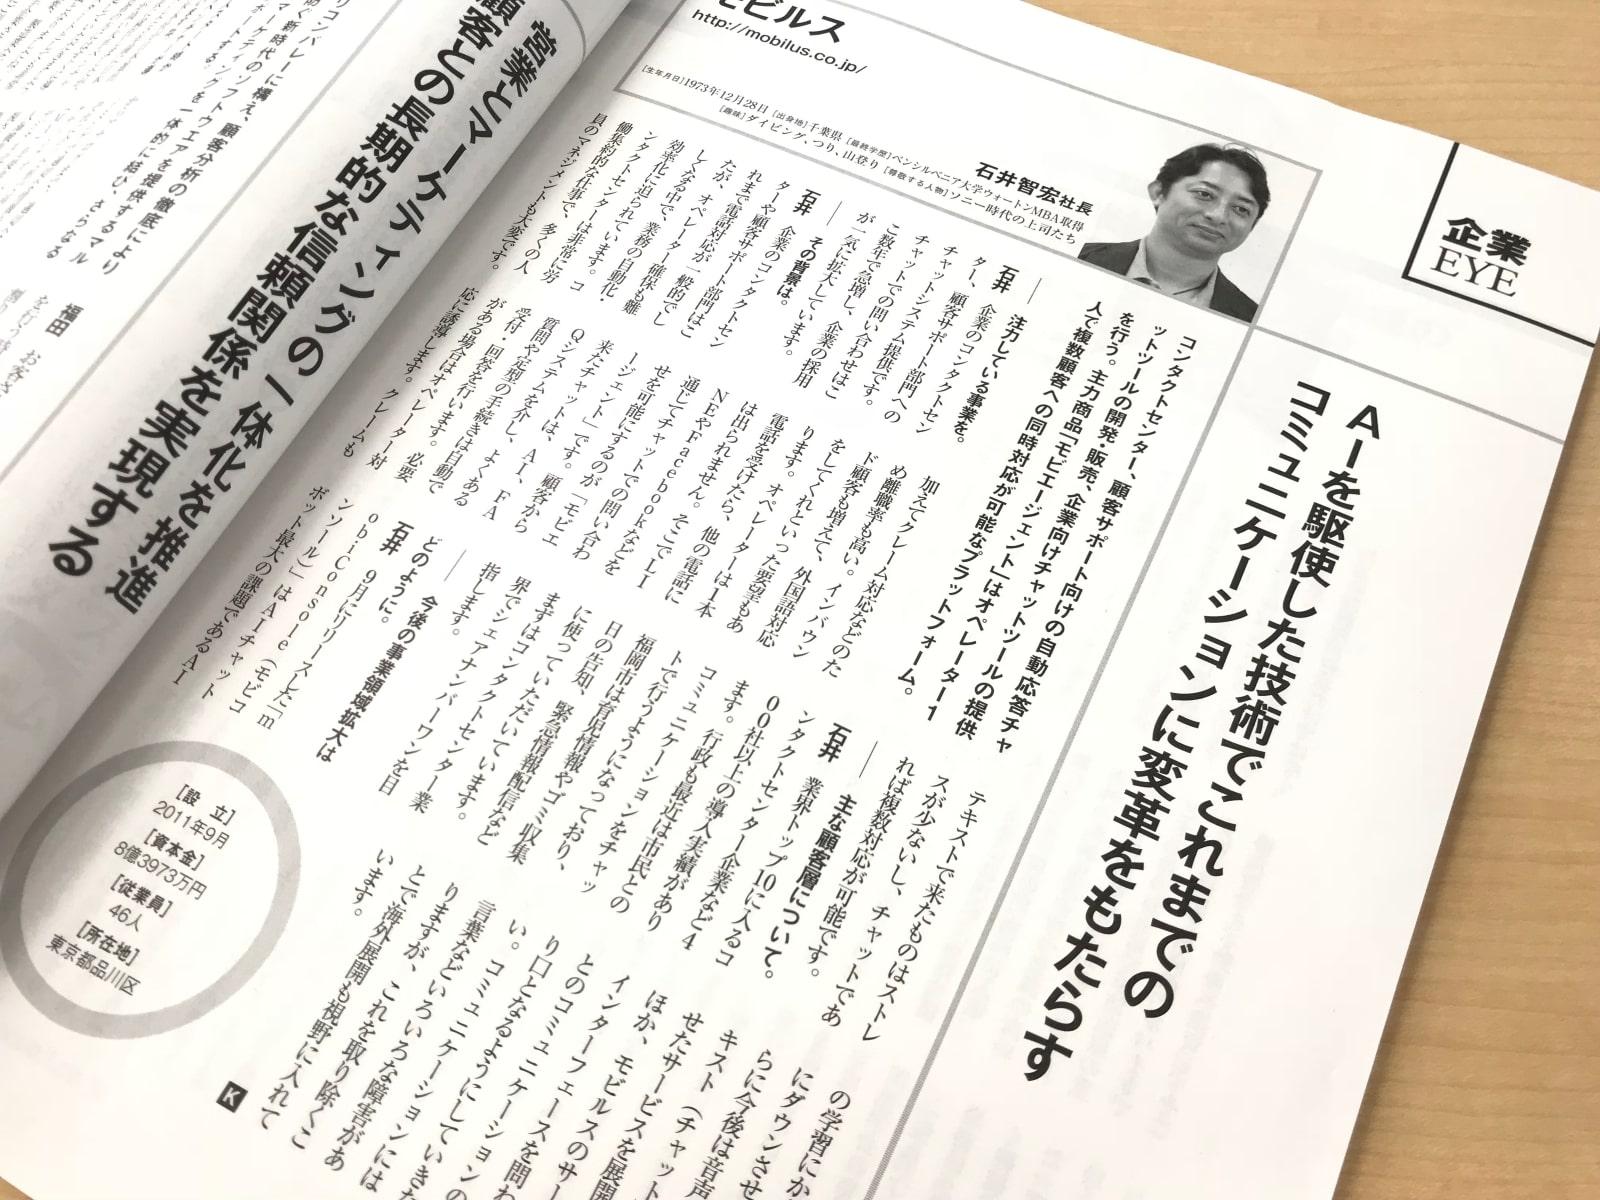 経済界11月号「企業EYE」 モビルス石井 インタビュー